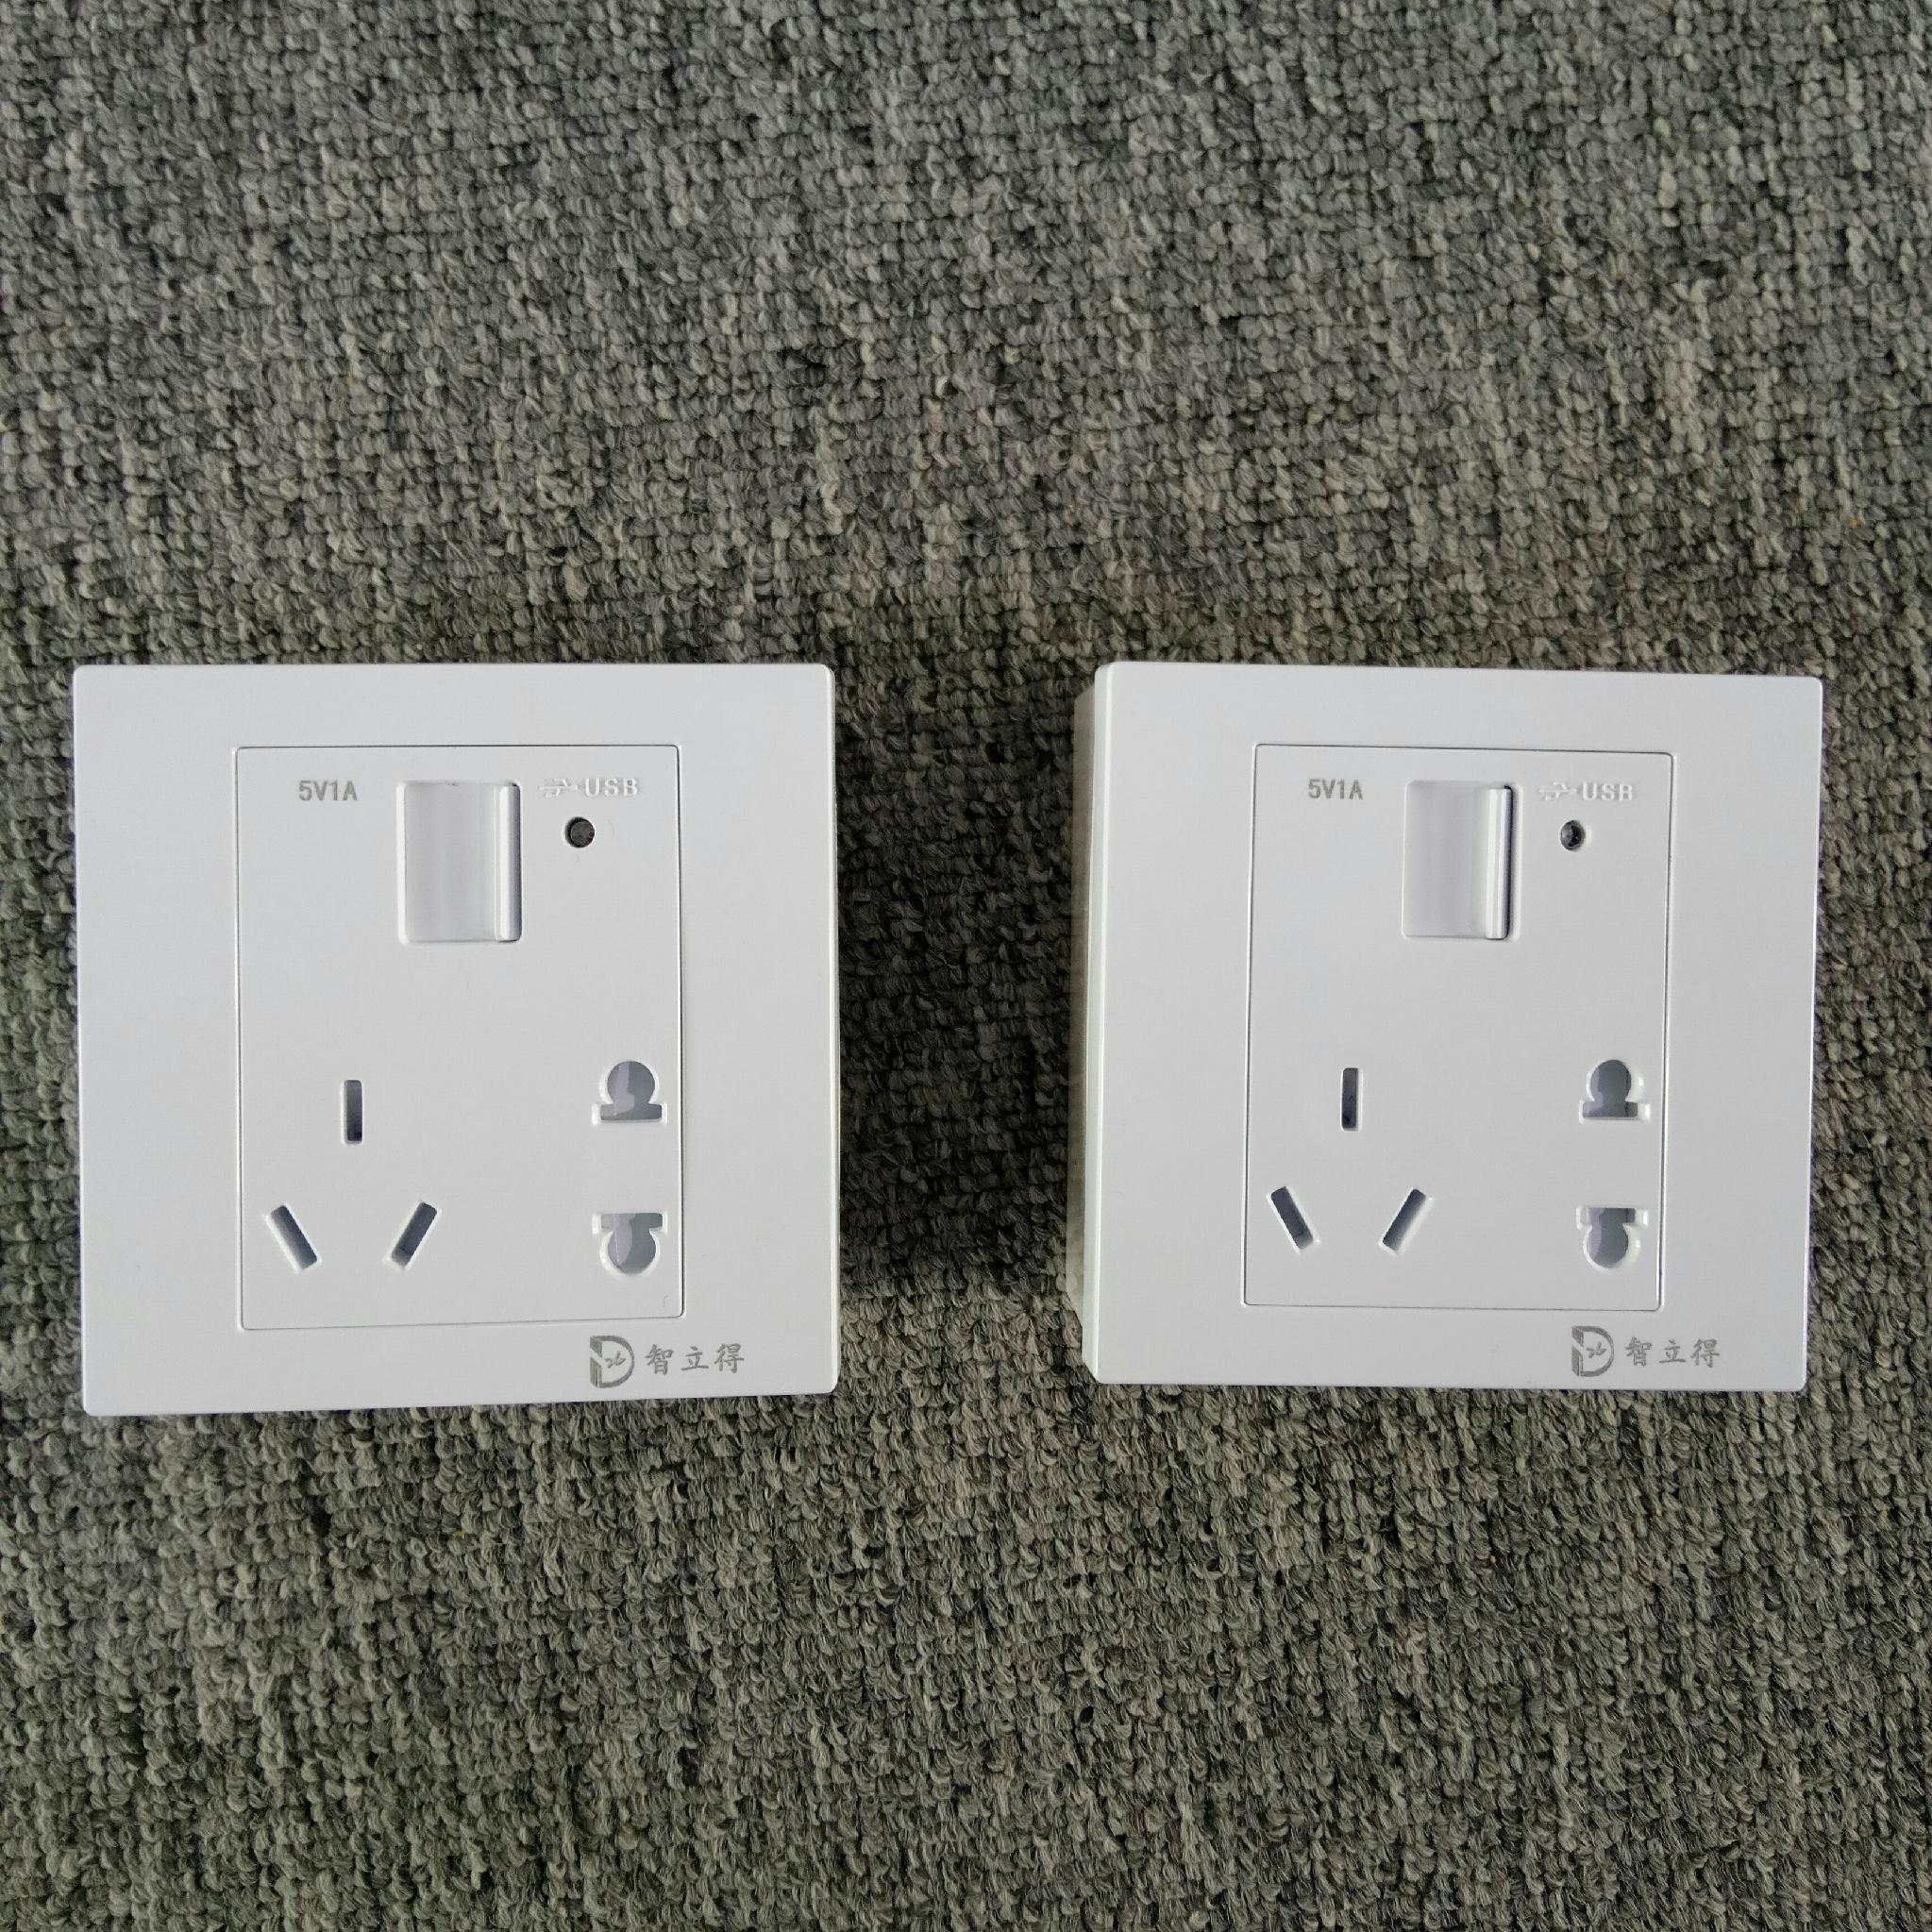 智立得墙壁开关一位USB手机数据线快充五孔插座防火自带安全门 4